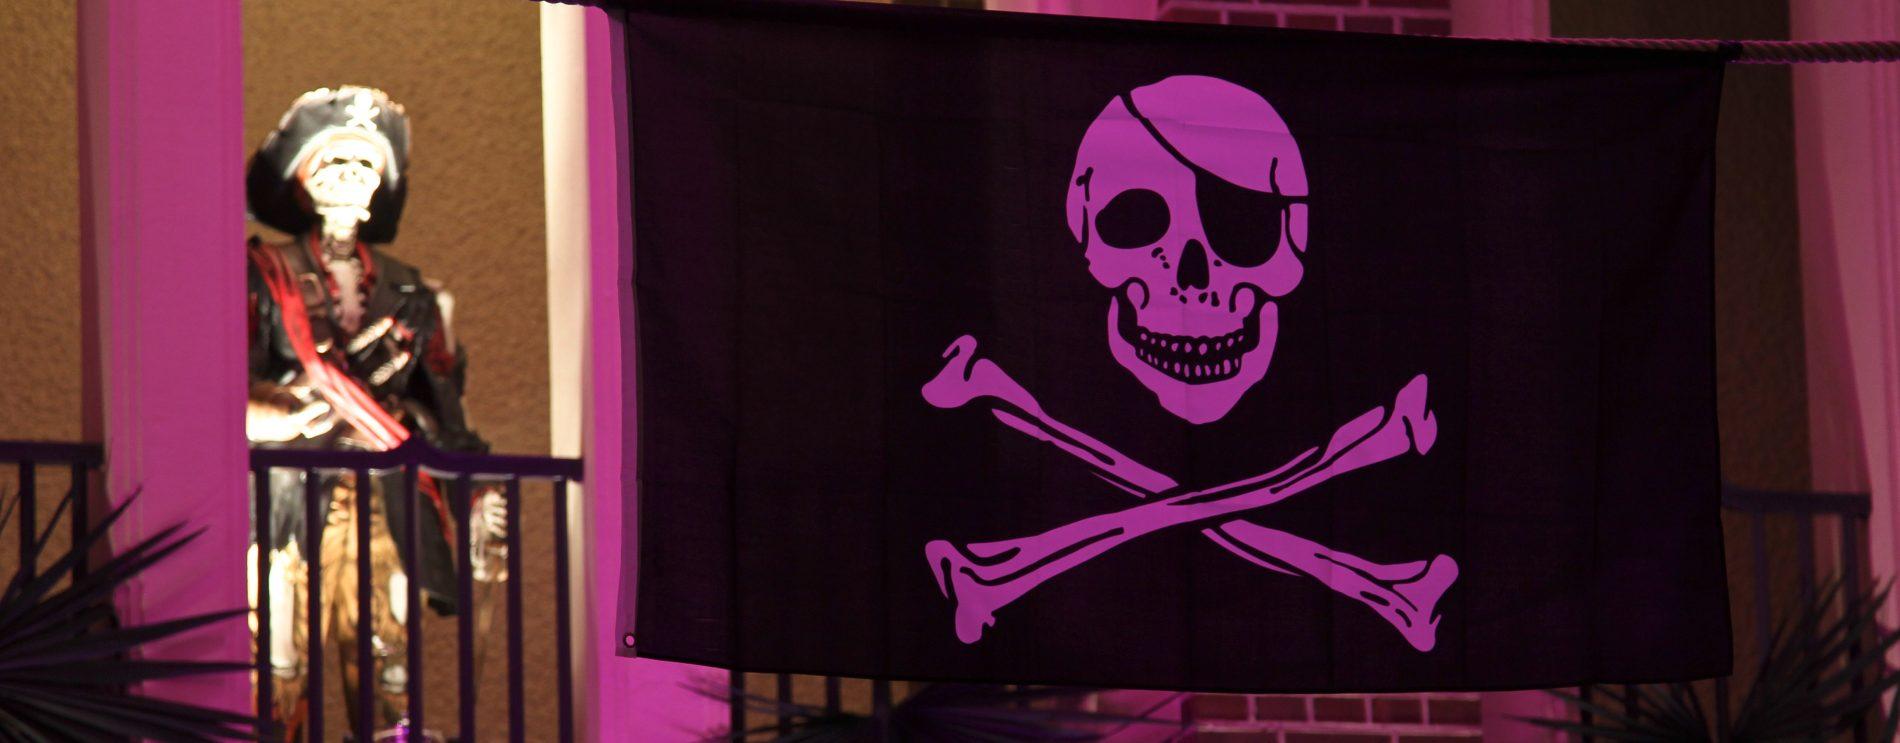 Piraten Deko